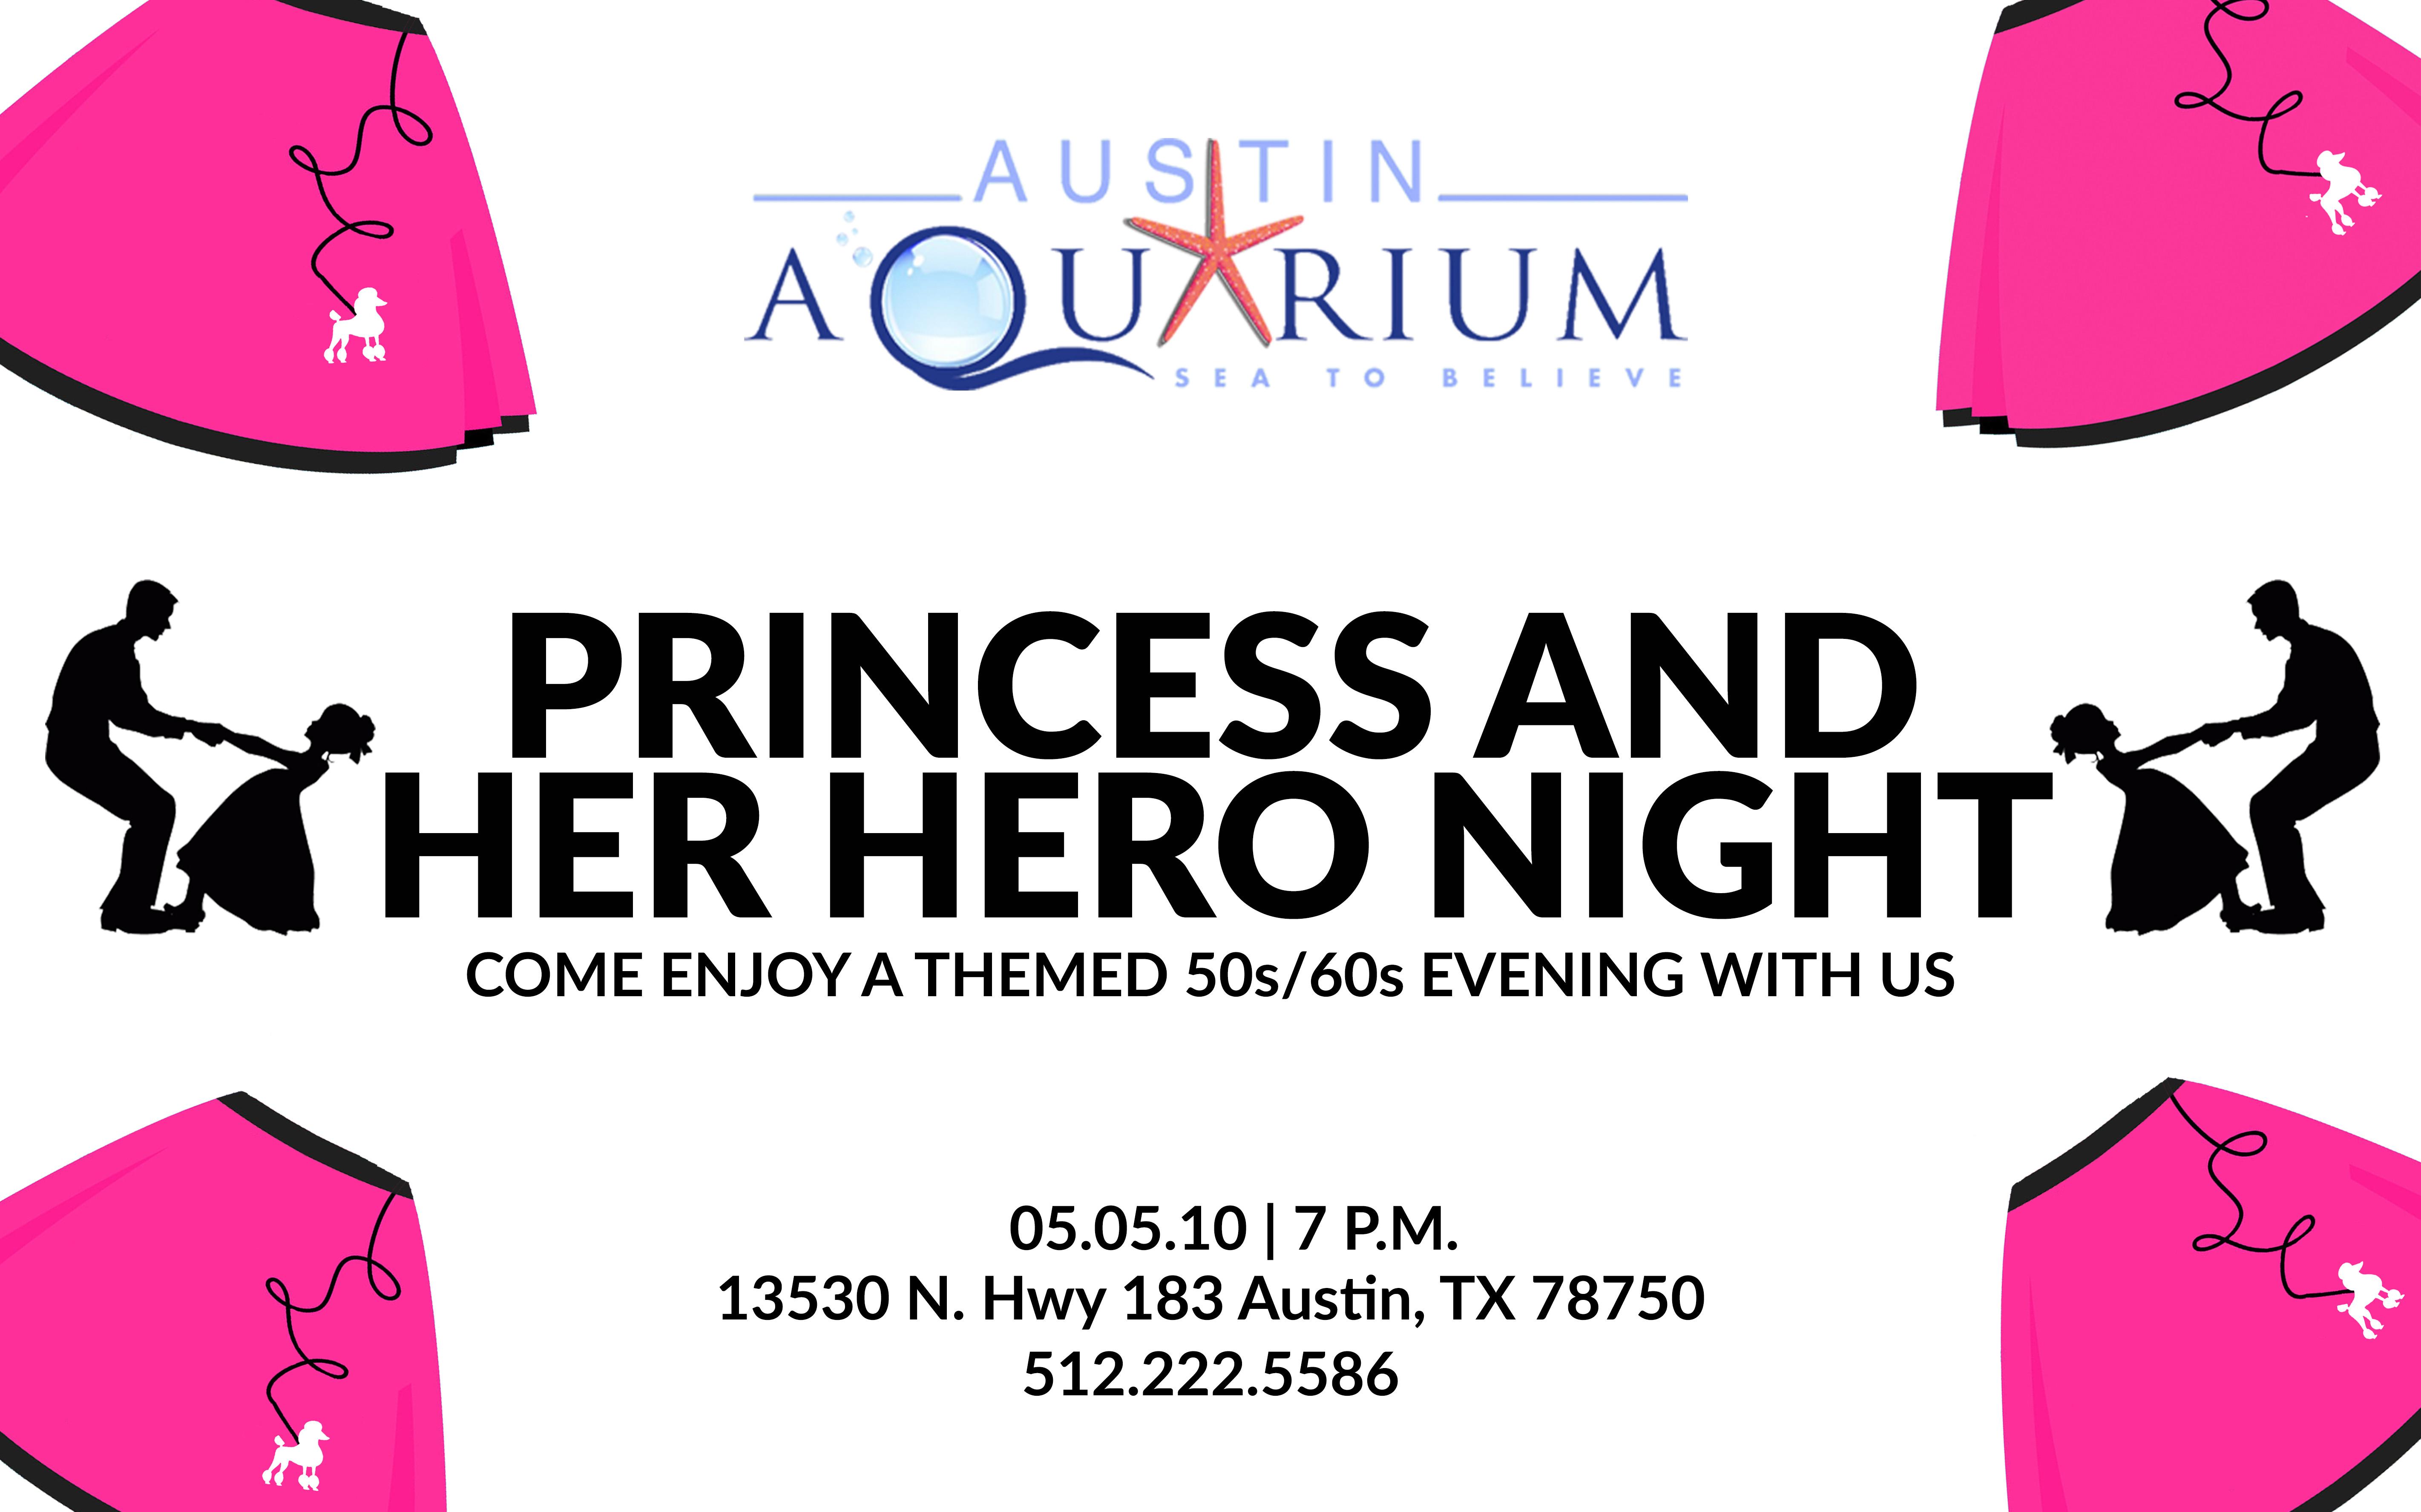 Austin Aquarium princess